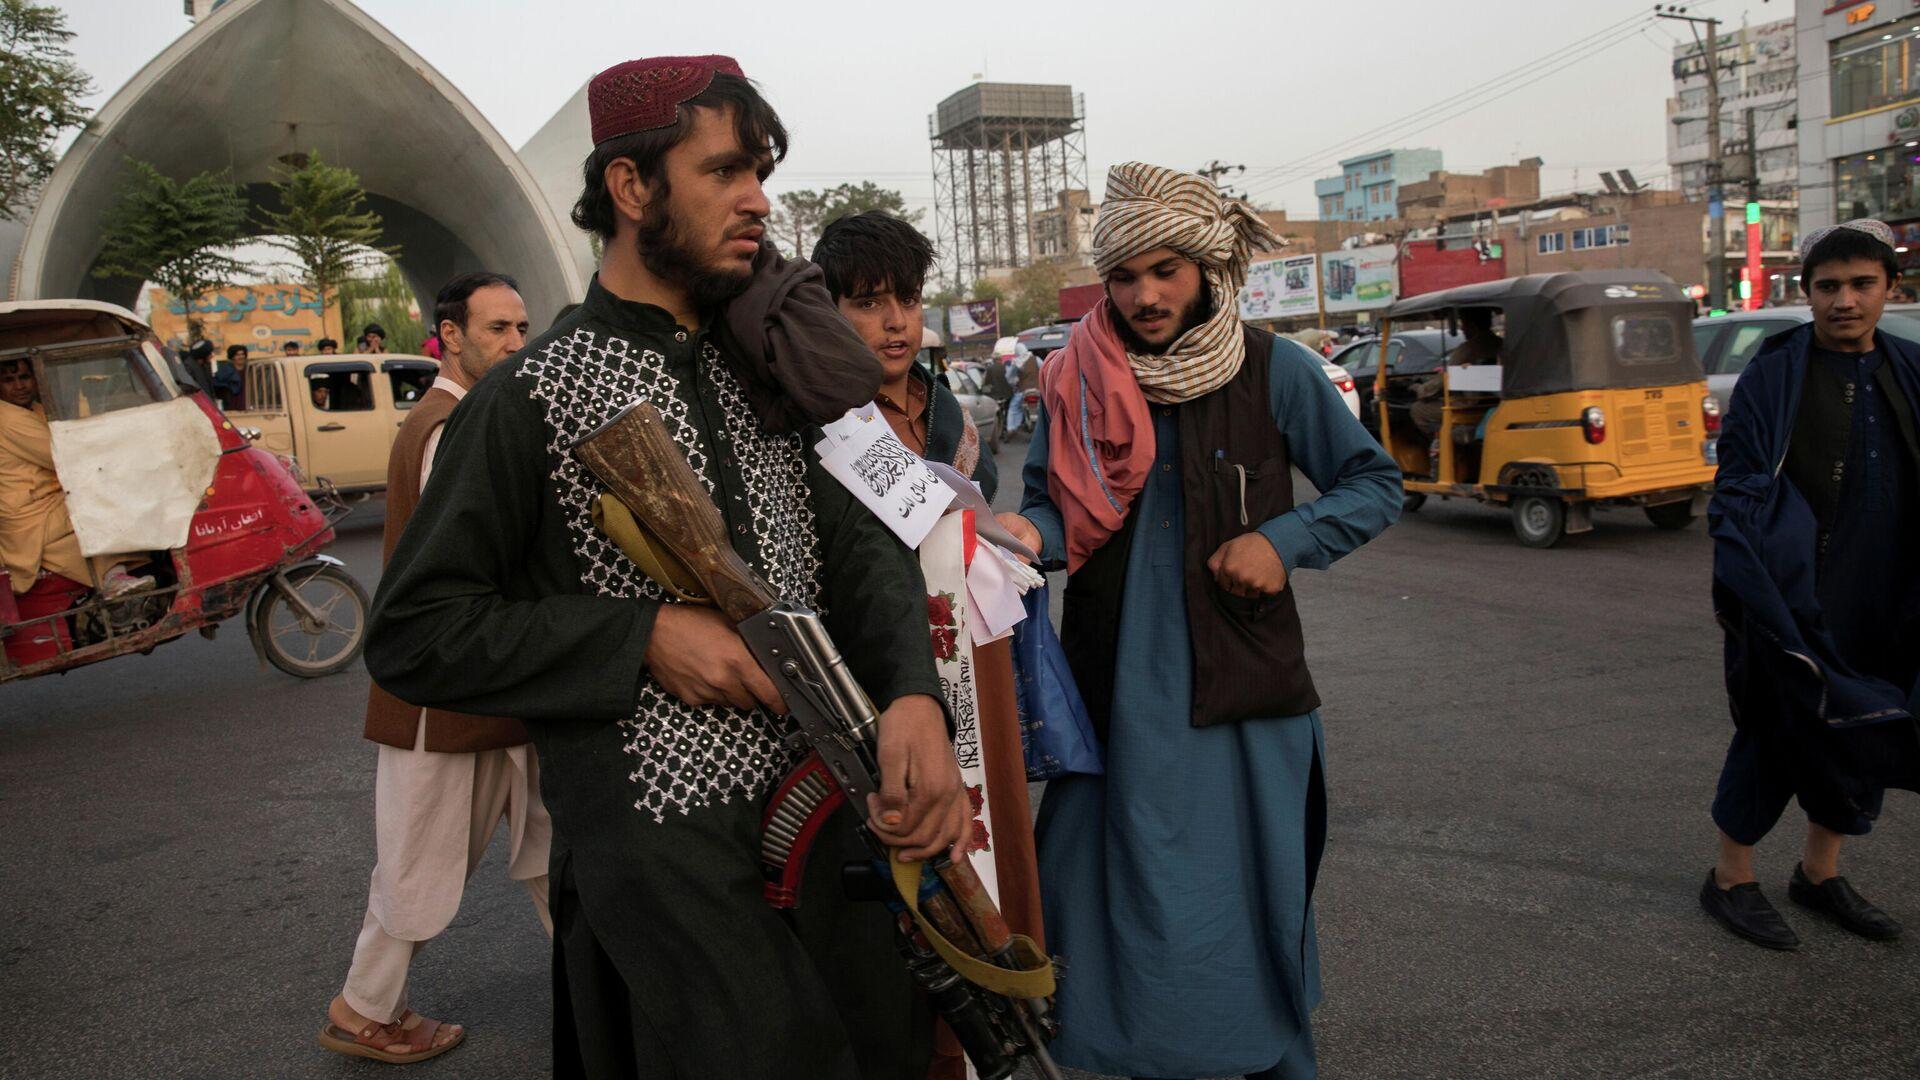 Soldados talibanes en una calle en Herat, Afganistán, 10 de septiembre de 2021 - Sputnik Mundo, 1920, 12.10.2021